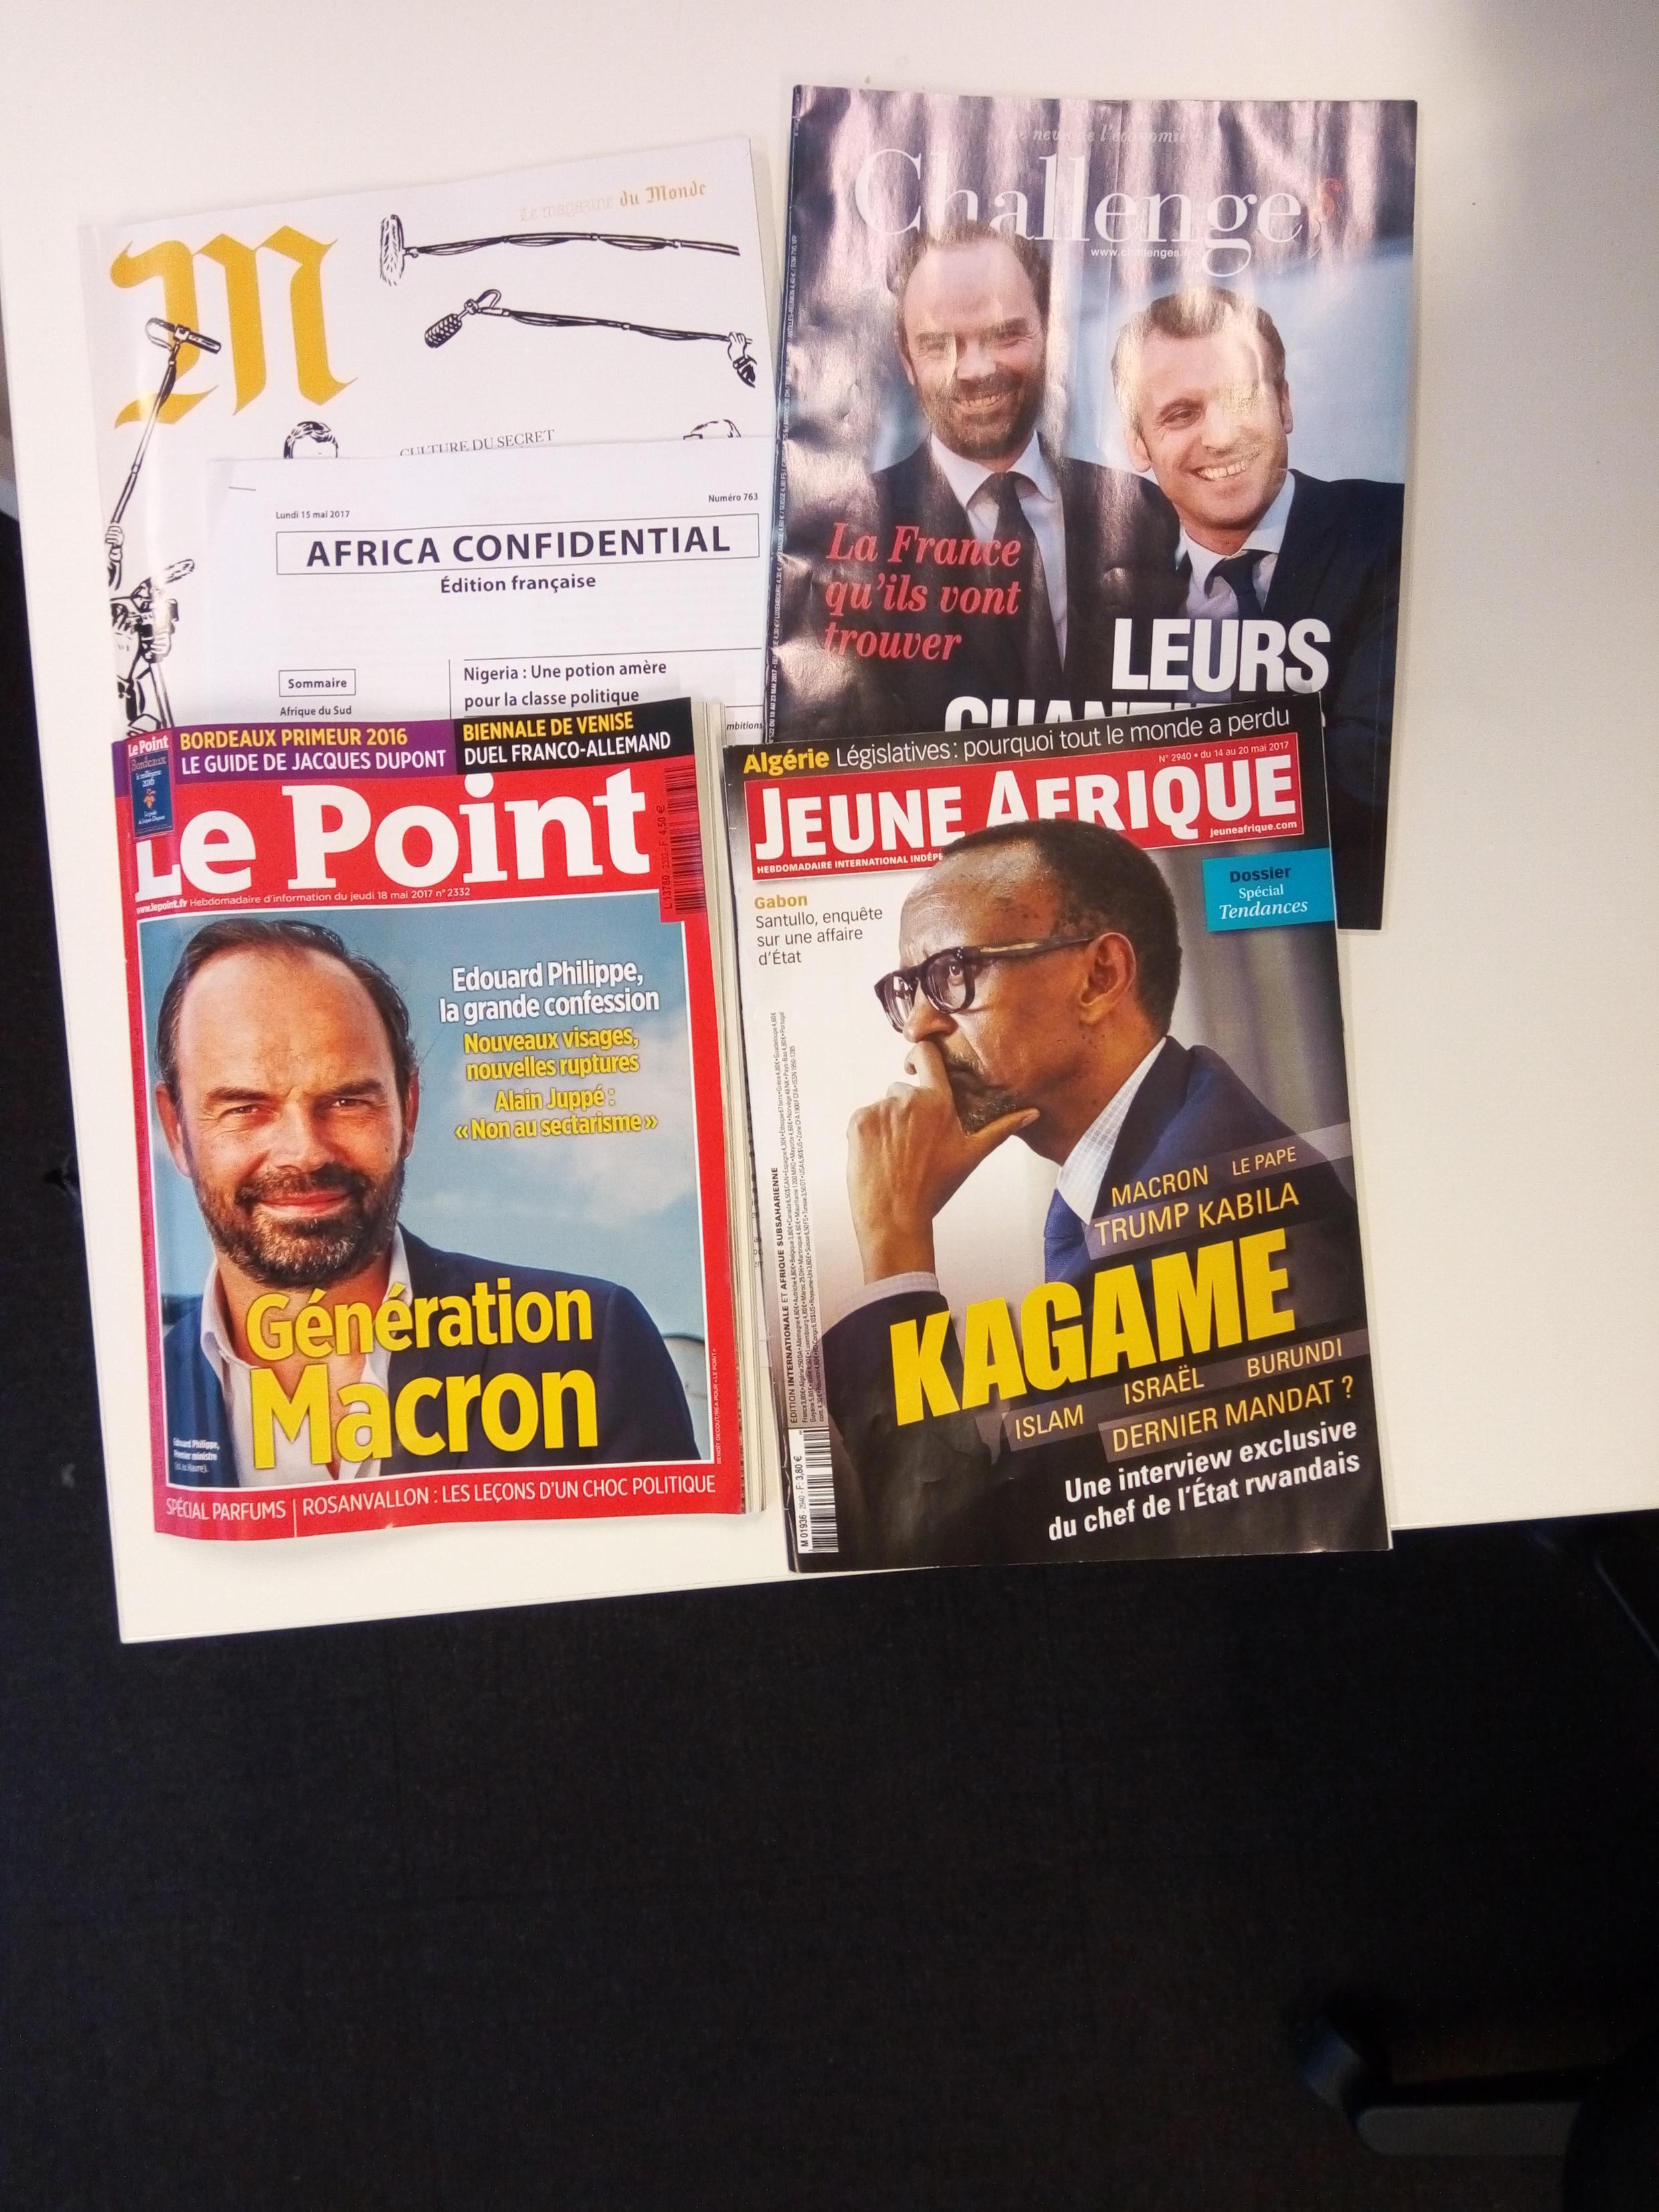 Capas de magazines news franceses de 19 de maio de 2017